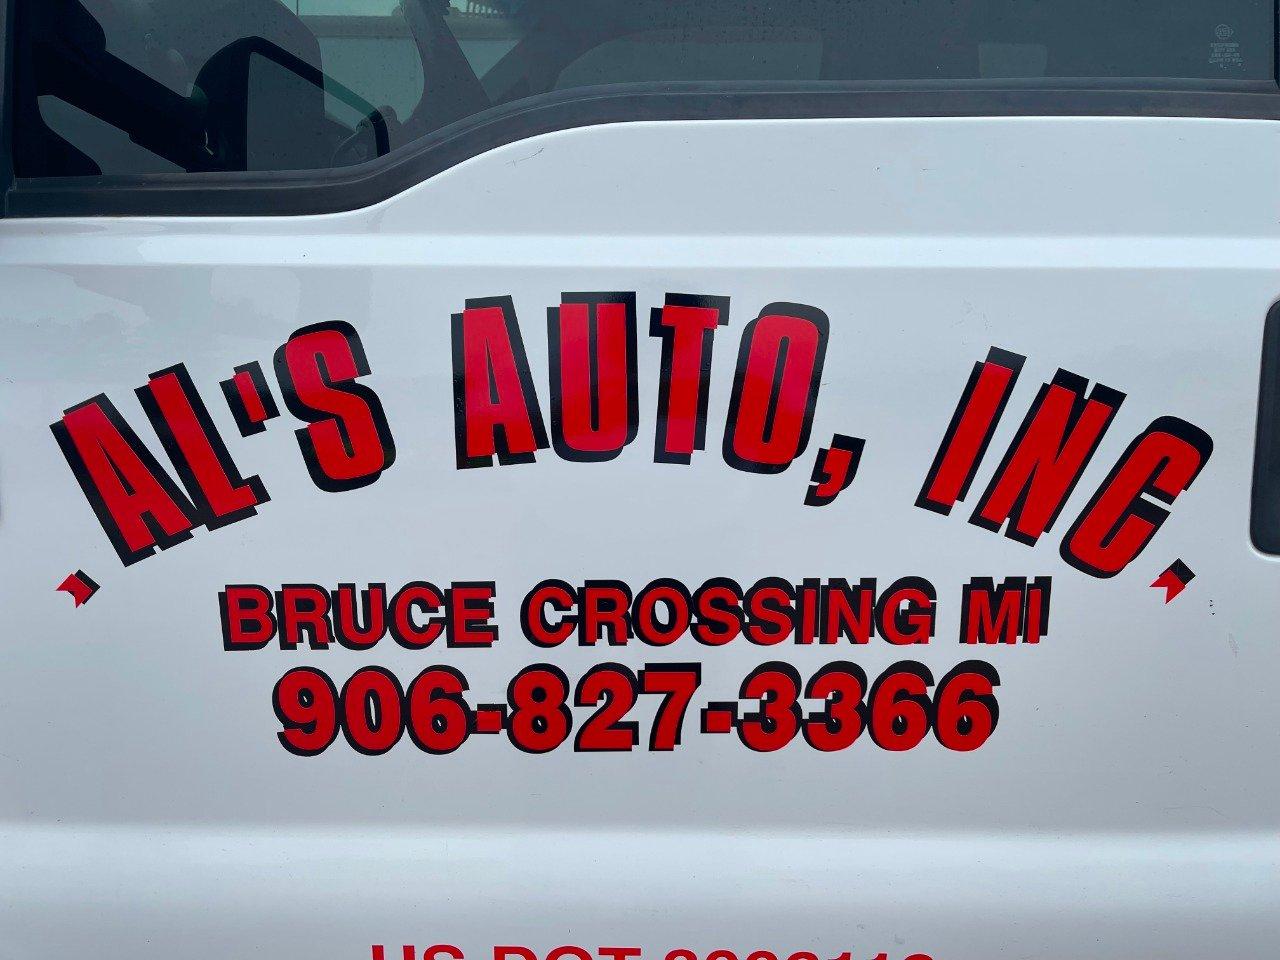 Al's Auto Inc.